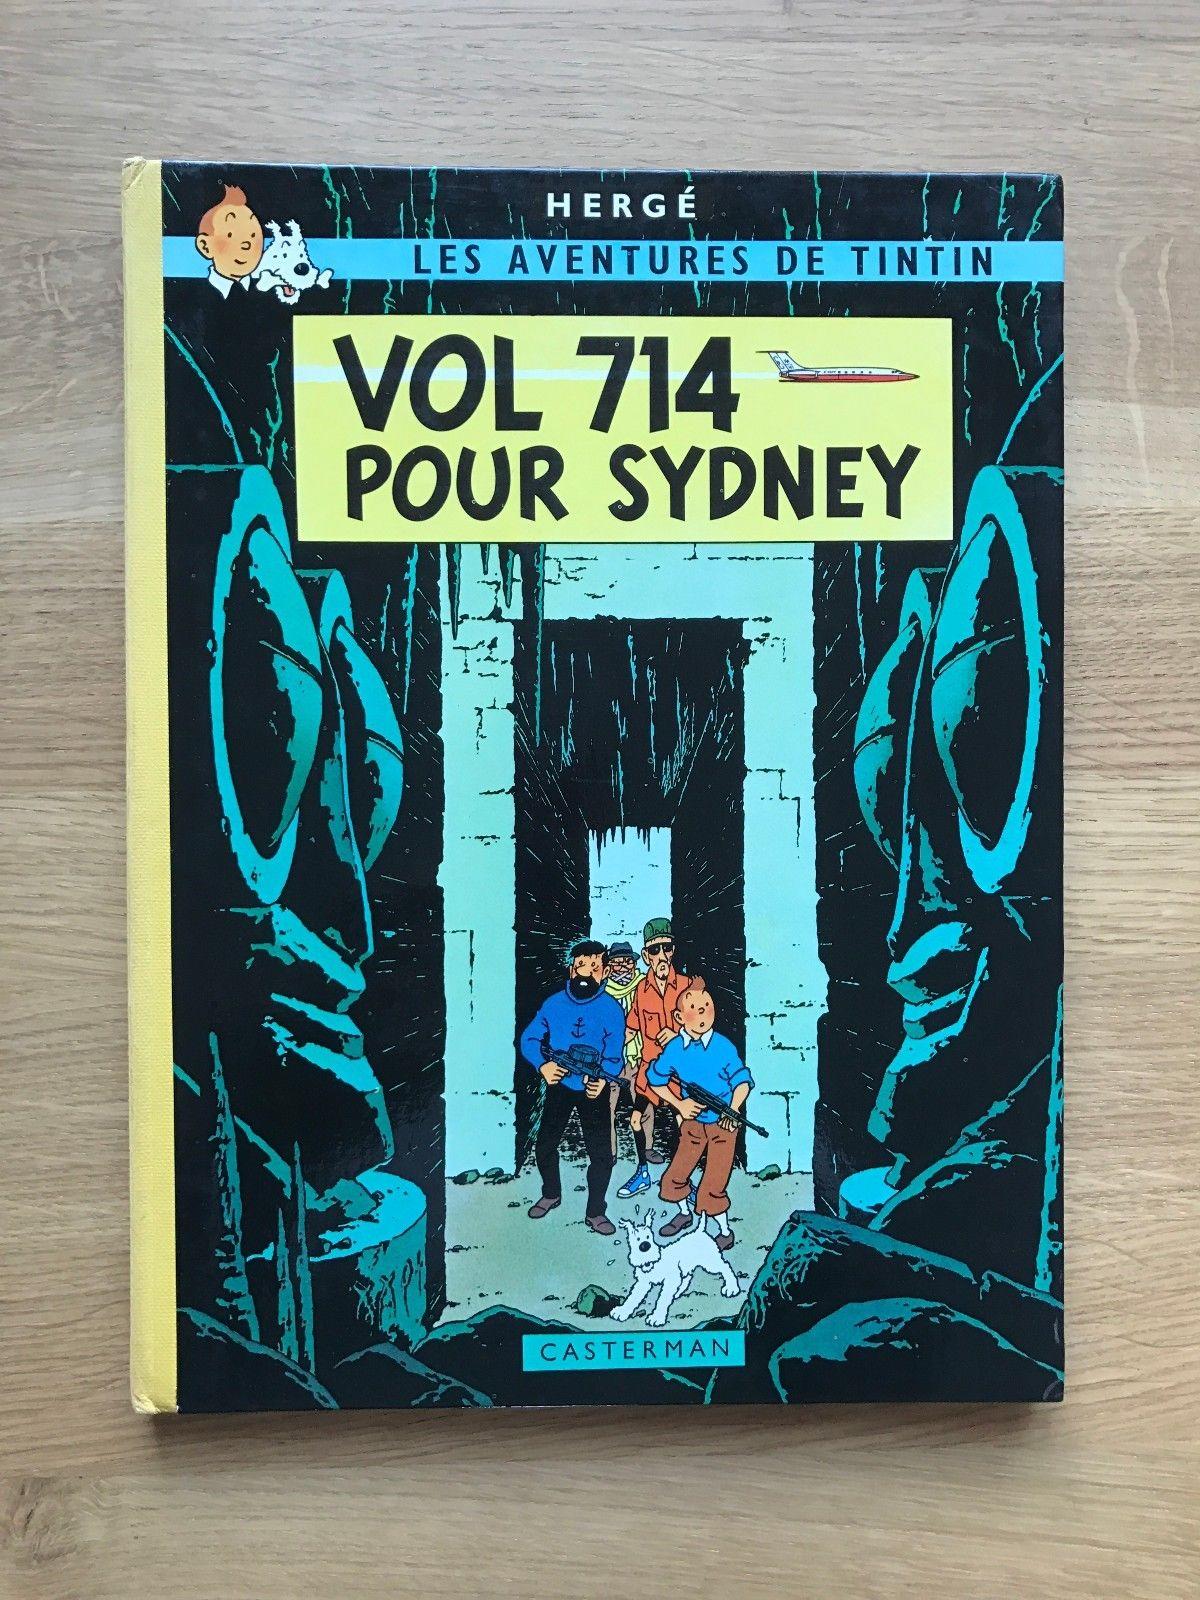 DEDICACE Hergé Tintin Tirage de Tête Vol 714 pour Sydney 250ex. 1968 Proche NEUF